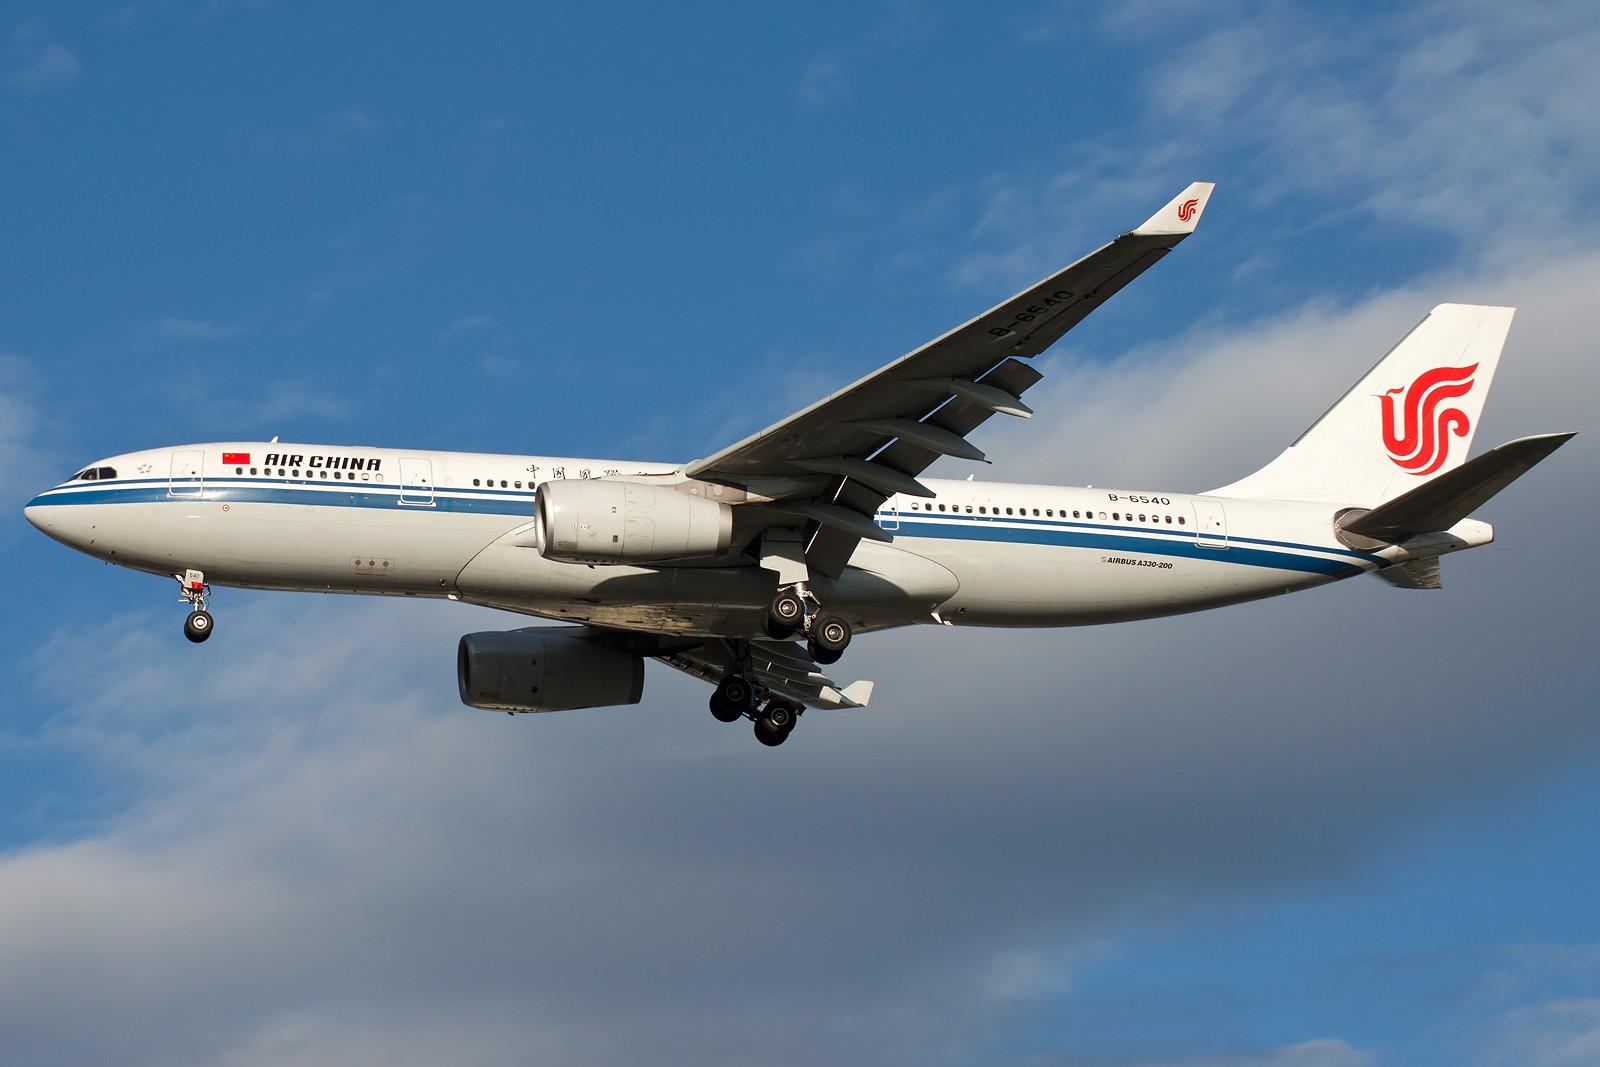 Re:[原创]求好天儿... [10pics] AIRBUS A330-200 B-6540 中国北京首都国际机场